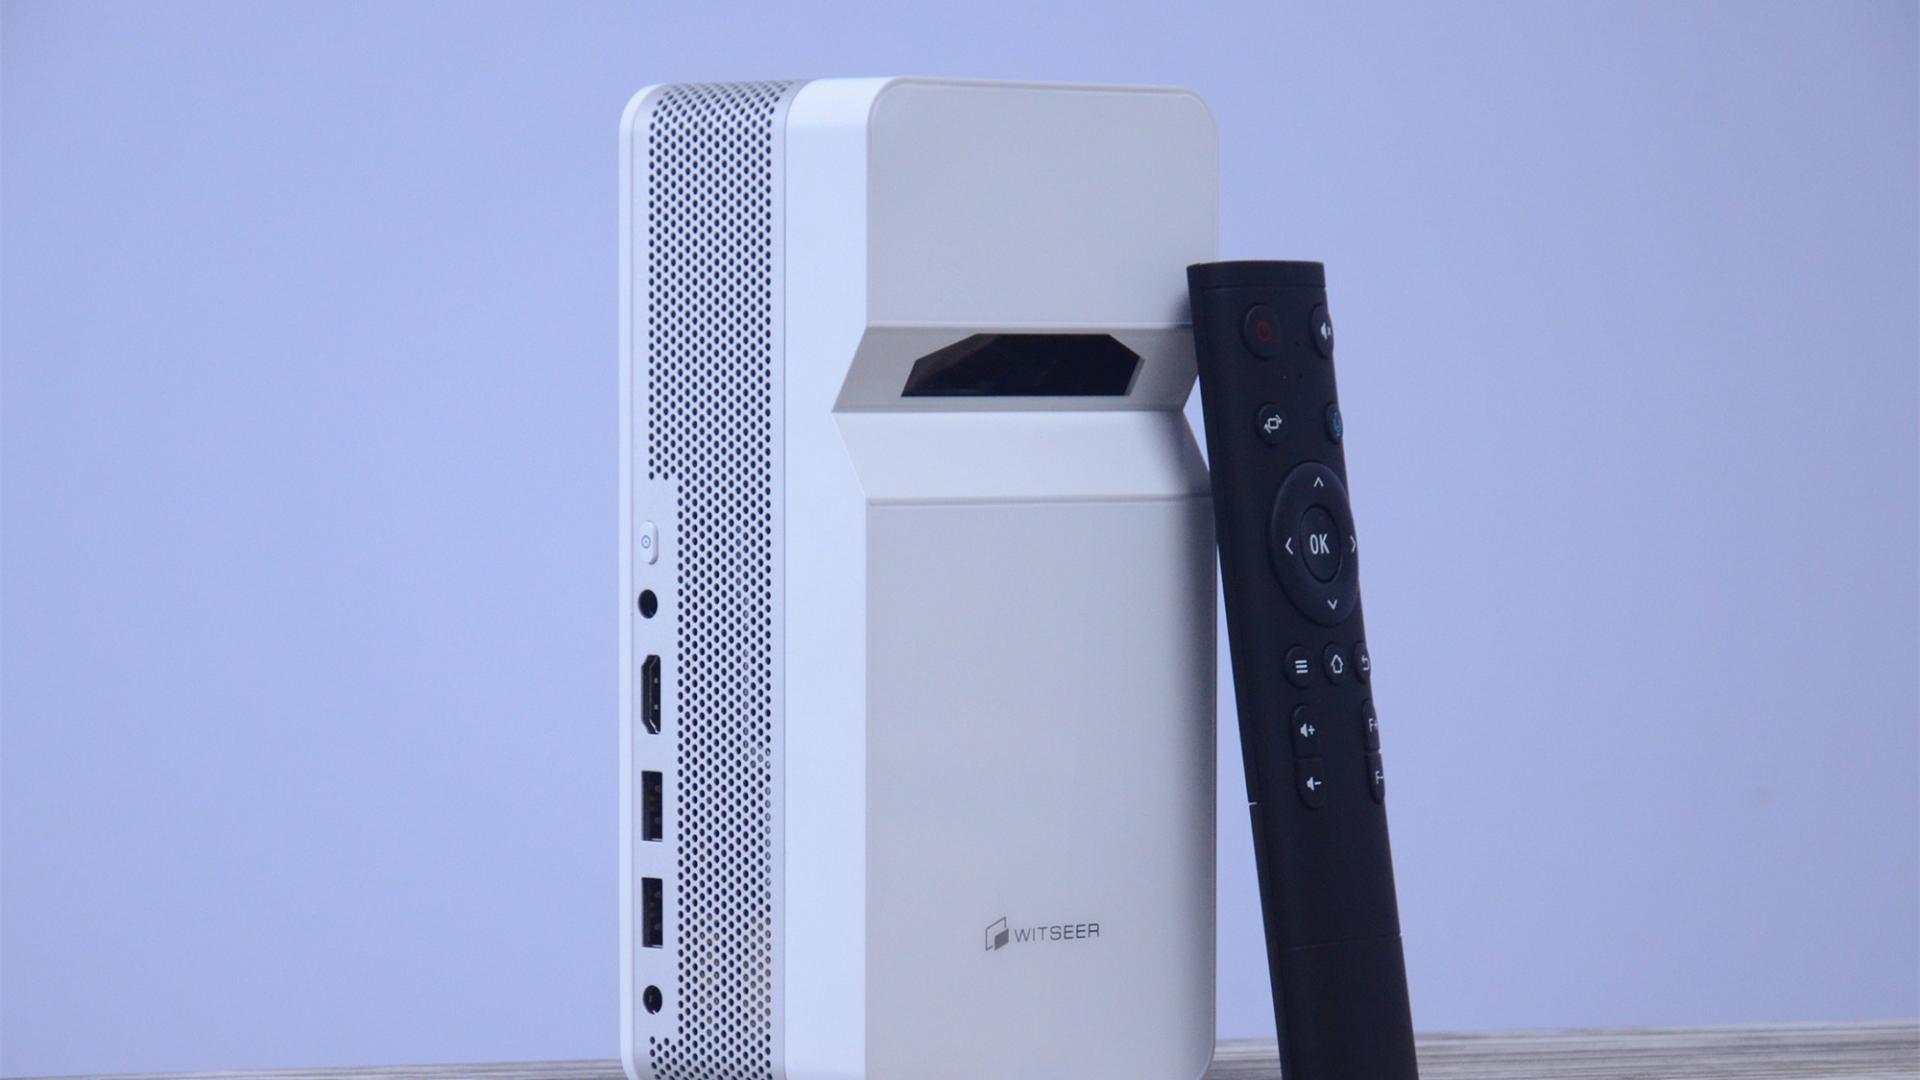 离墙半米可投90英寸画面,小户型专用?慧示P9超短焦投影仪评测